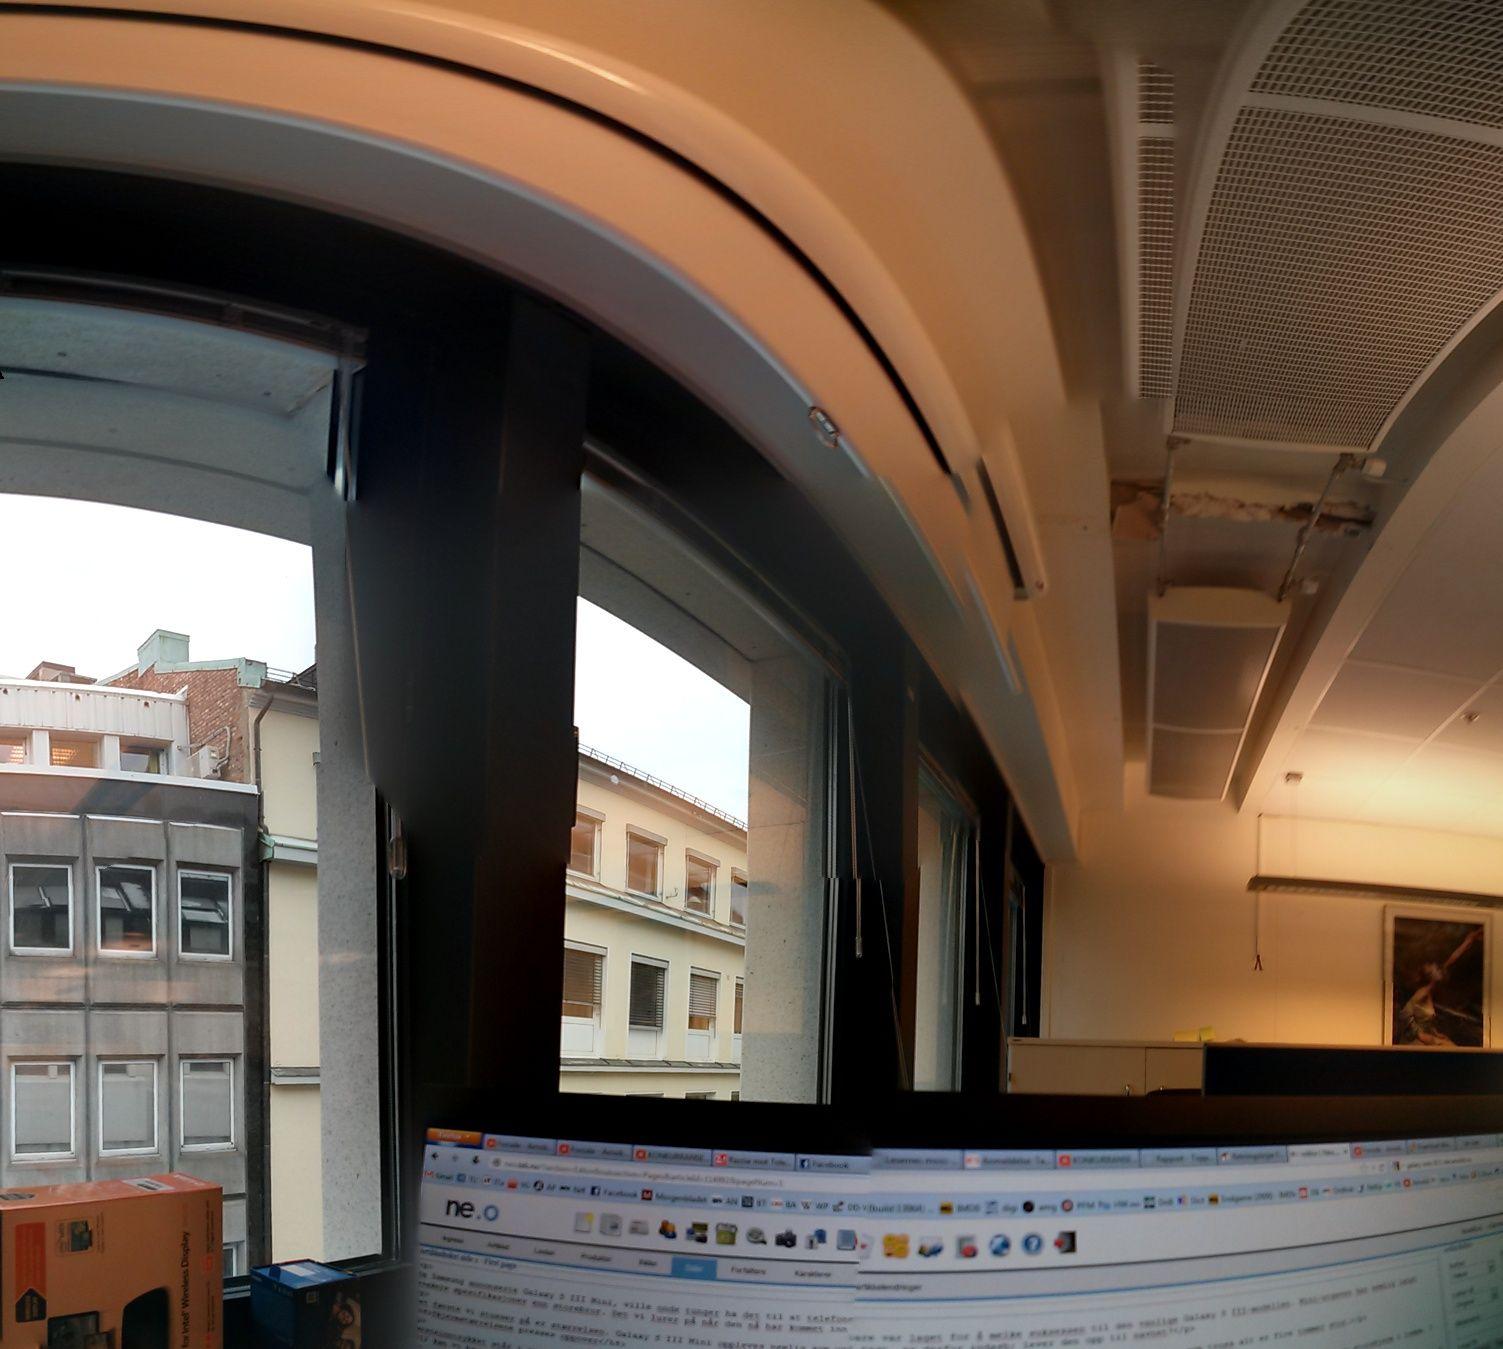 Slik ser et PhotoSphere-bilde ut når det lagres som vanlig JPG-bilde.